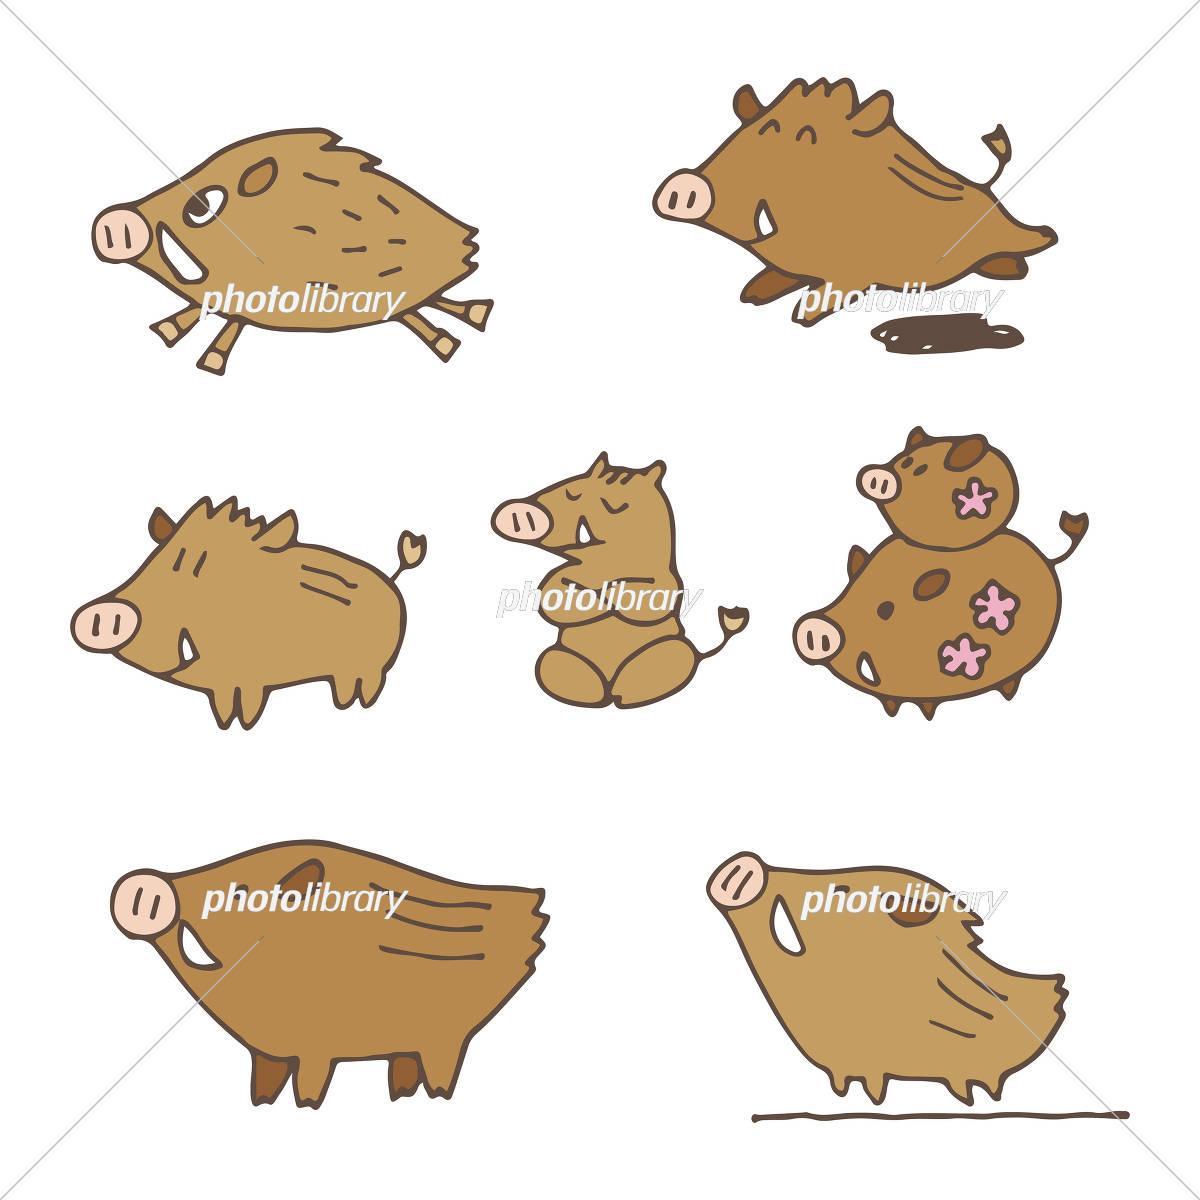 手書き 猪のイラスト 年賀状素材 干支動物 イラスト素材 [ 5674695